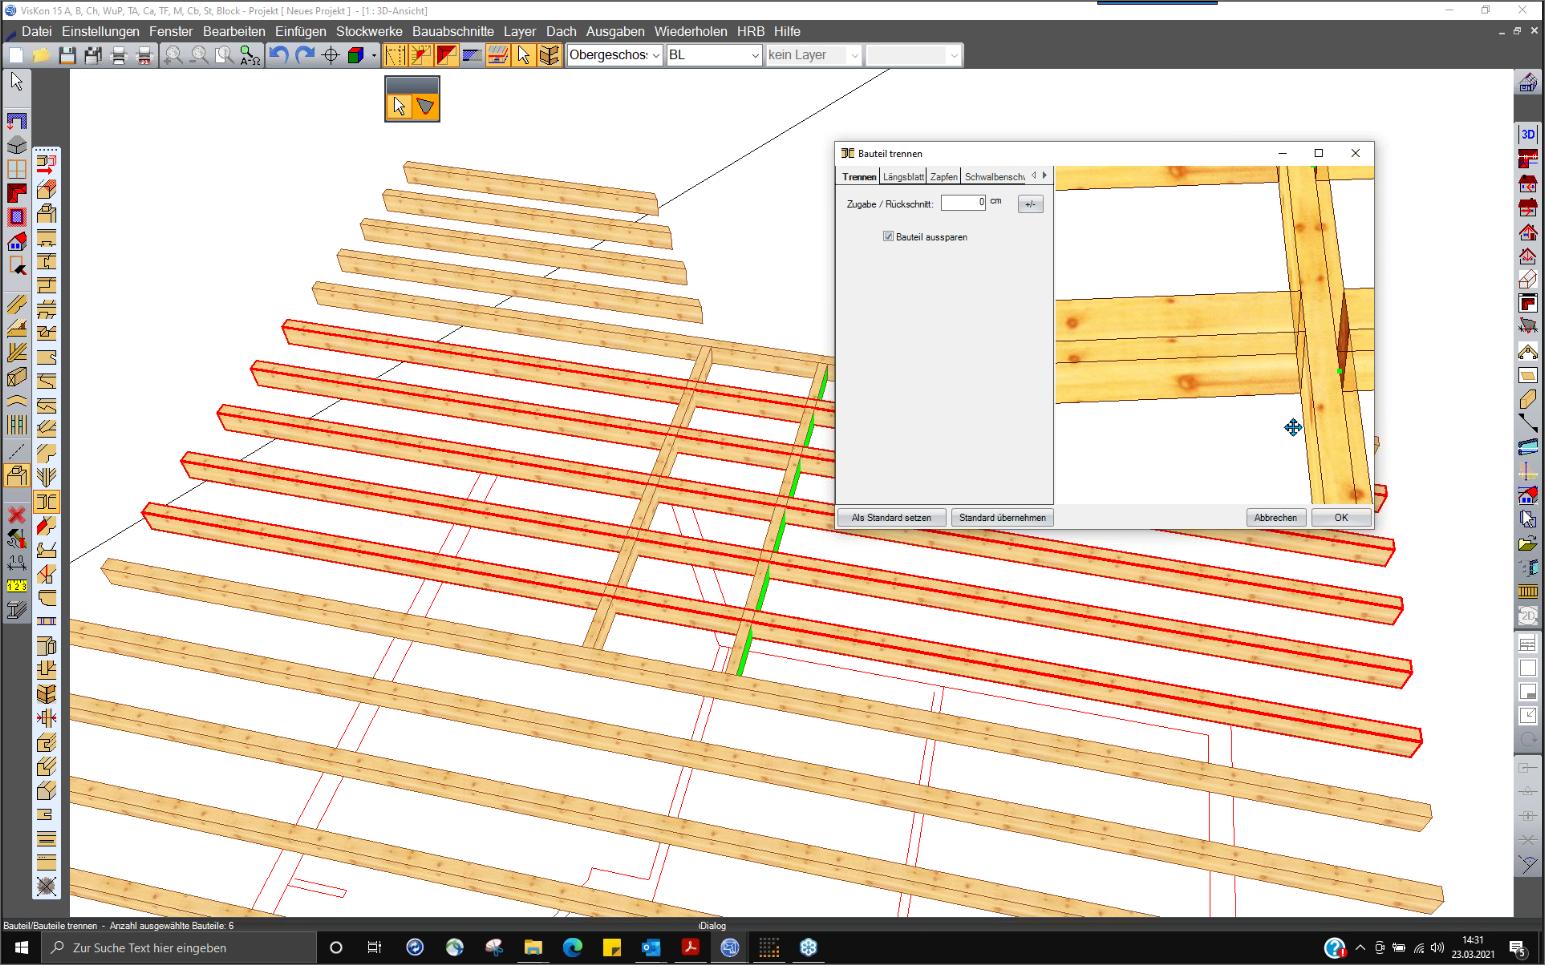 VISKON V15 3D-CAD/CAM Sektor A - Abbund-/Holzbau CAD | Jahresmiete mit Softwarepflege & Wartung